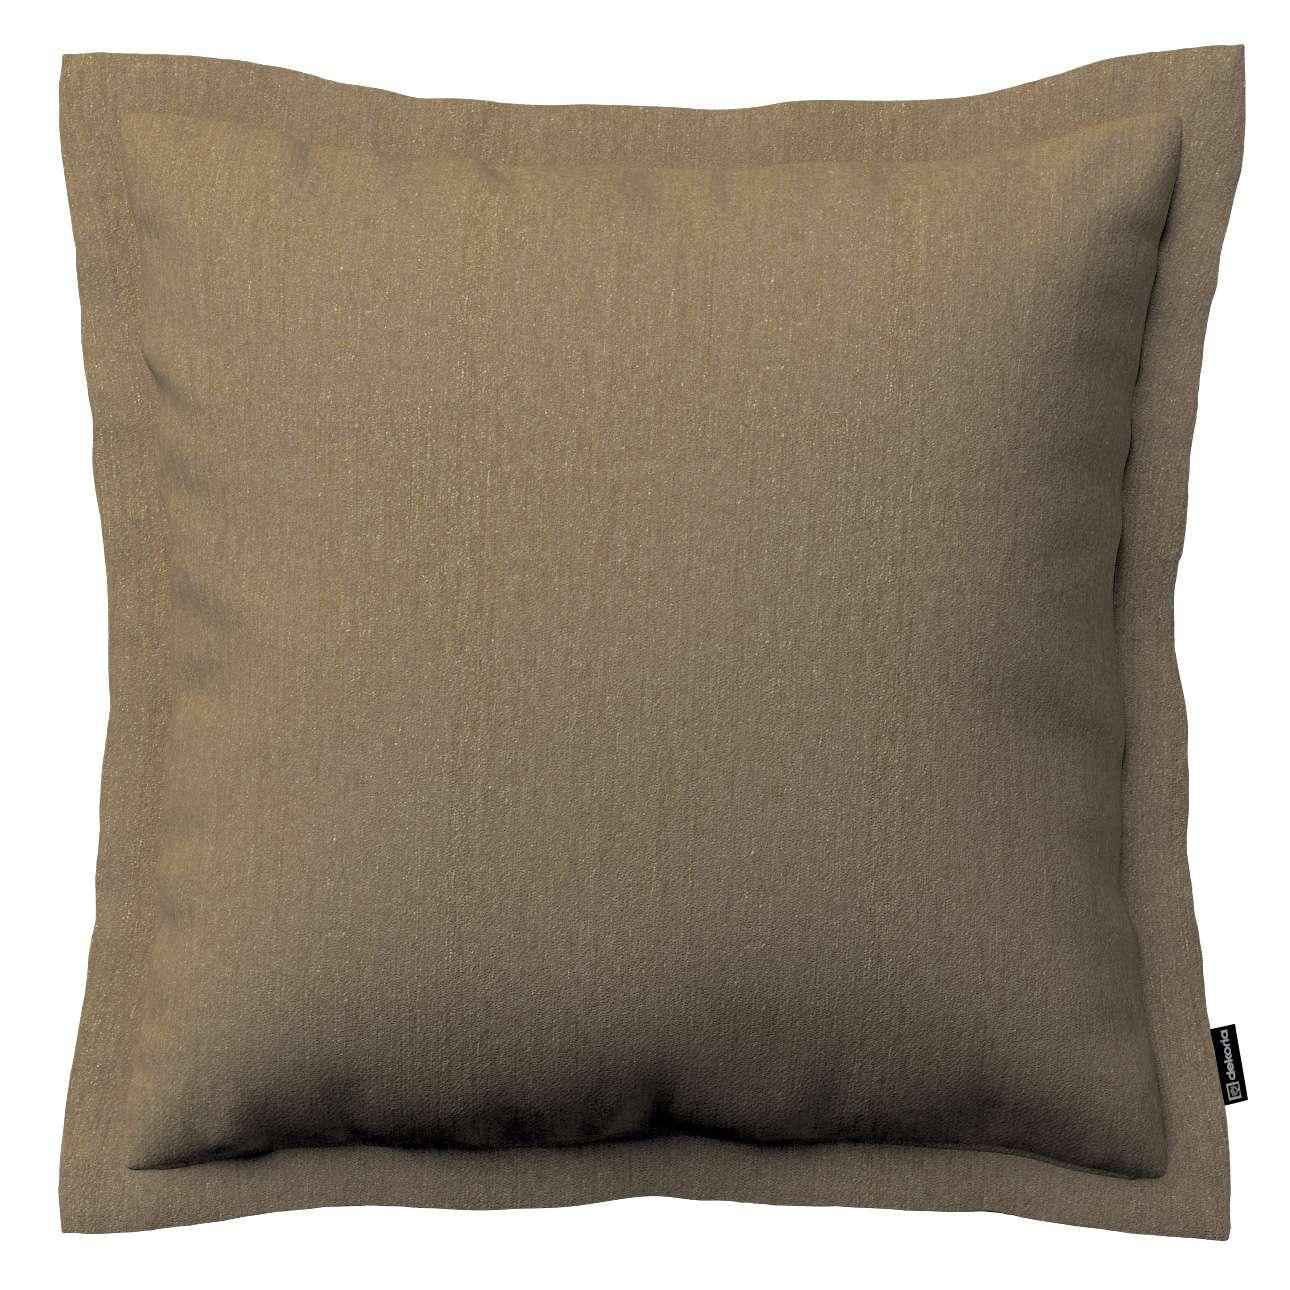 Mona dekoratyvinių pagalvėlių užvalkalas su sienele 38 x 38 cm kolekcijoje Chenille, audinys: 702-21